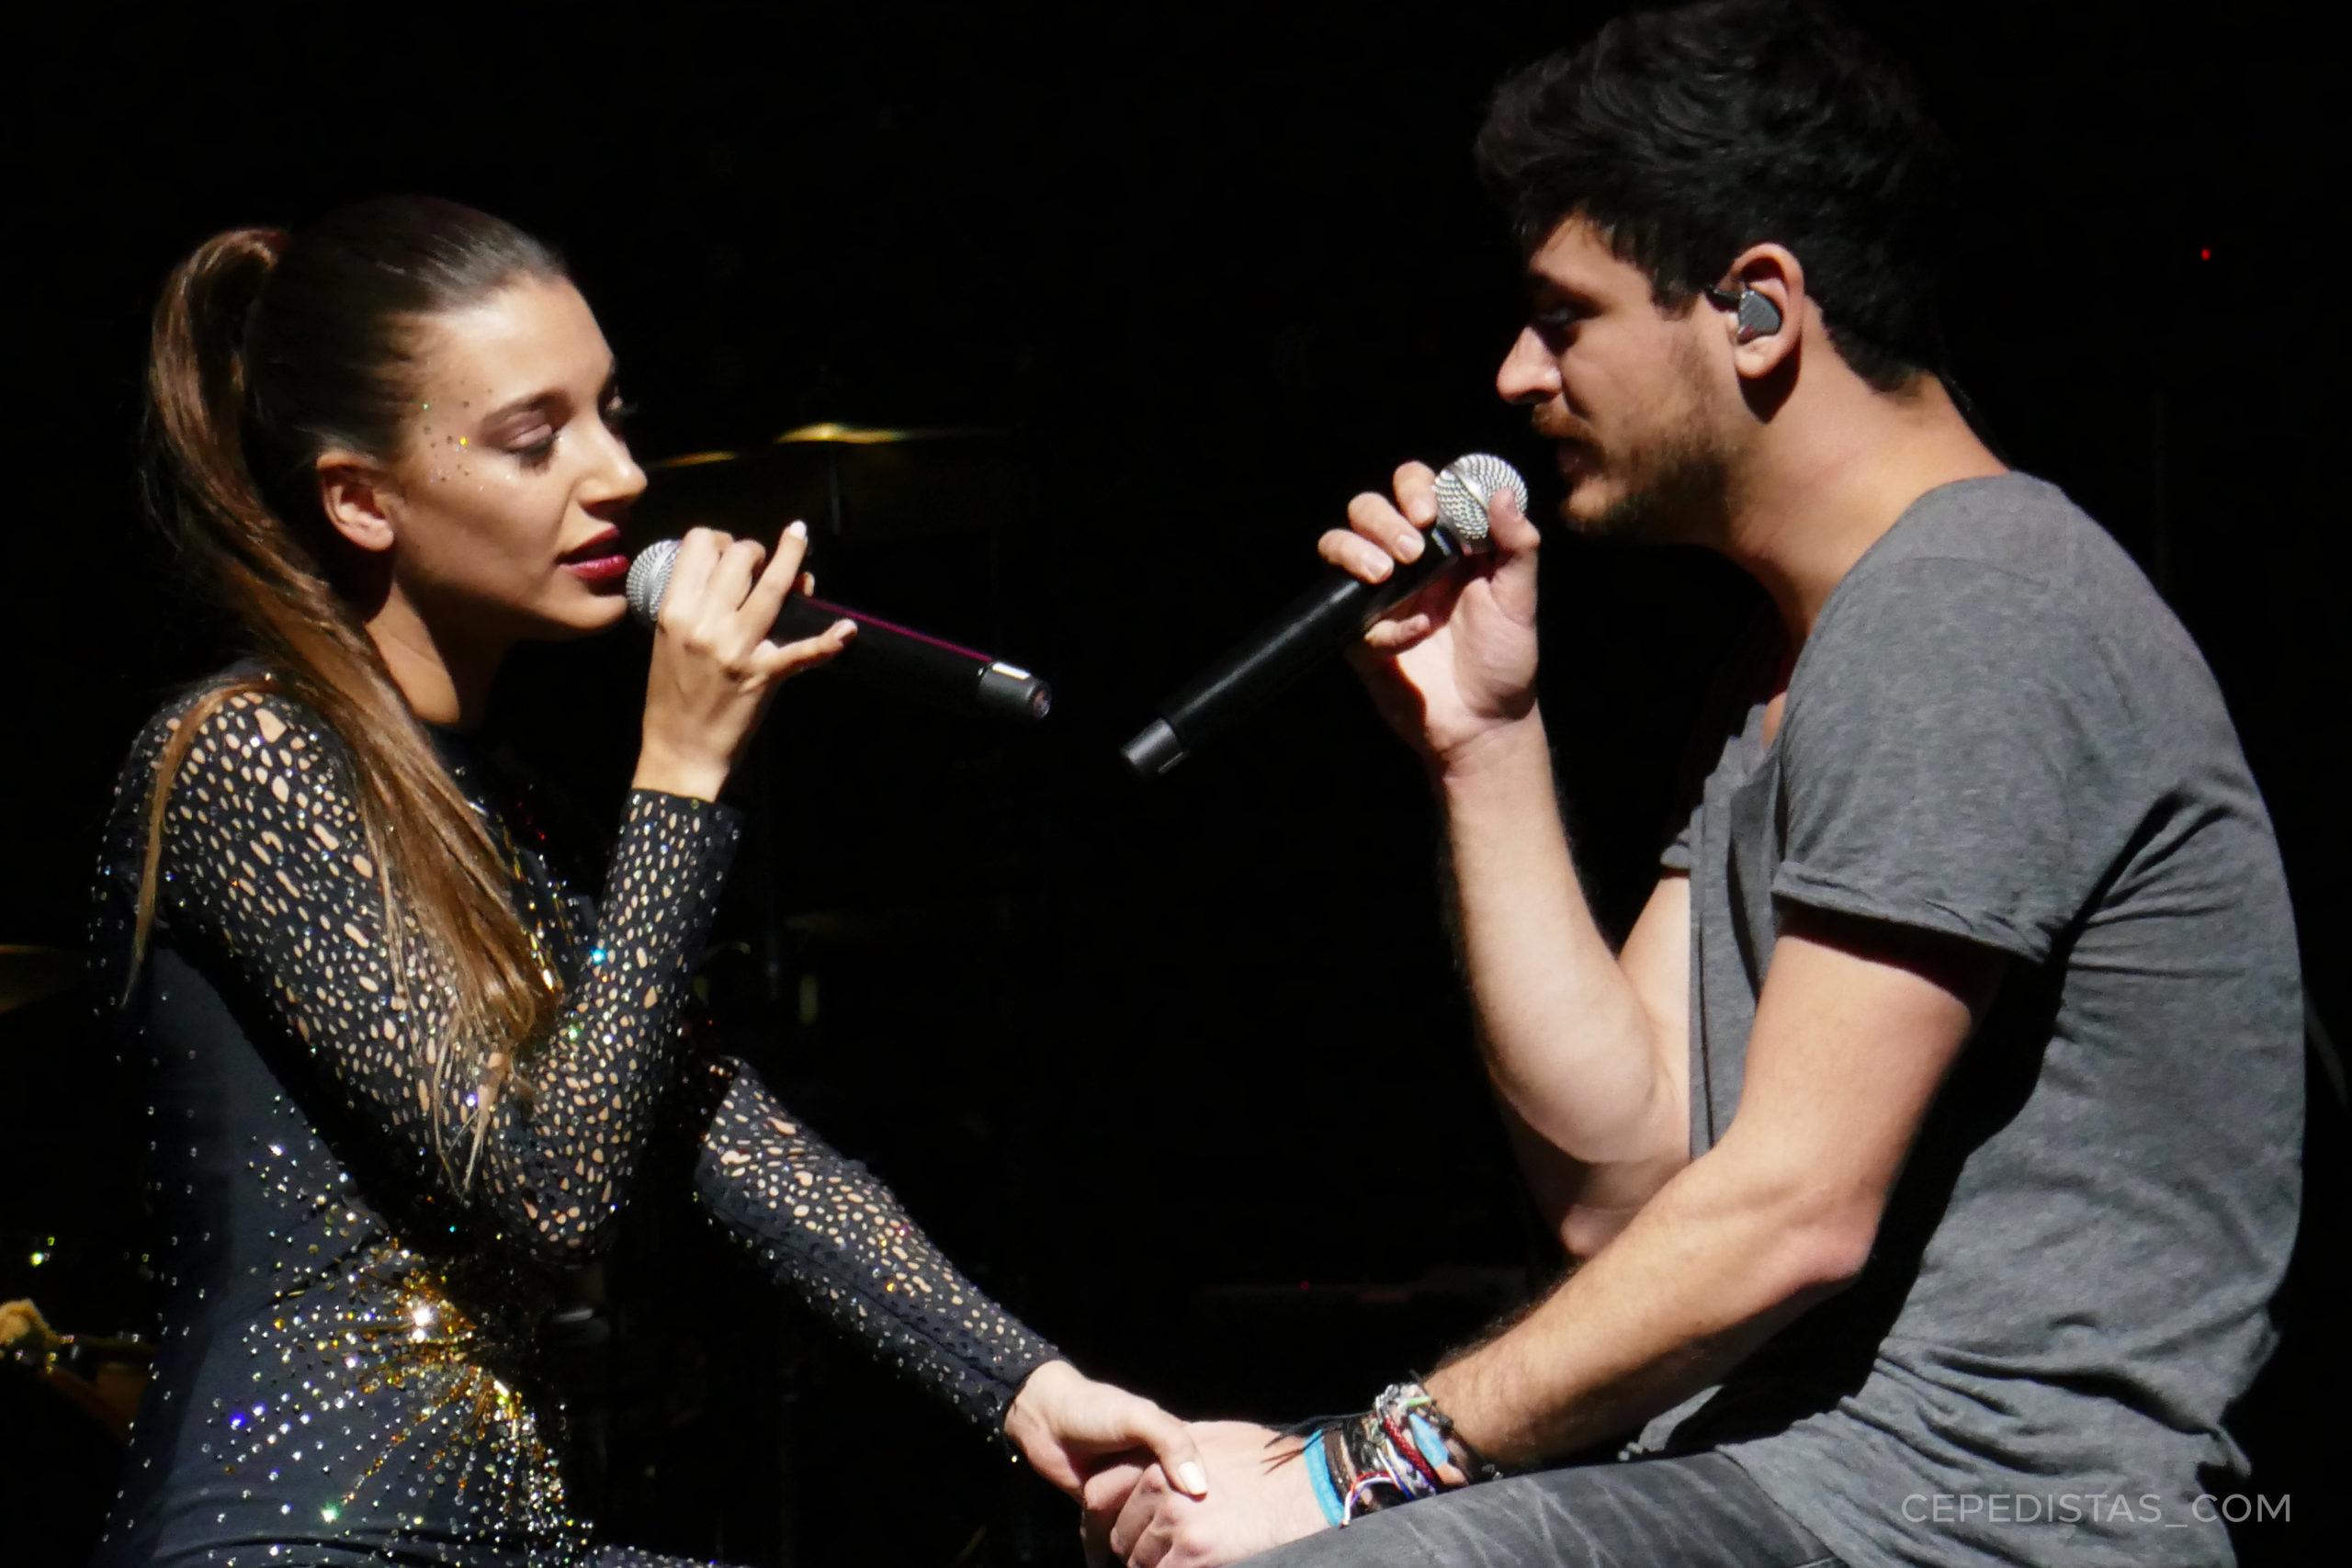 """Ana Guerra y Cepeda cantando """"Olvídame"""" en el Liceu de Barcelona. Fuente: Cepedistas."""